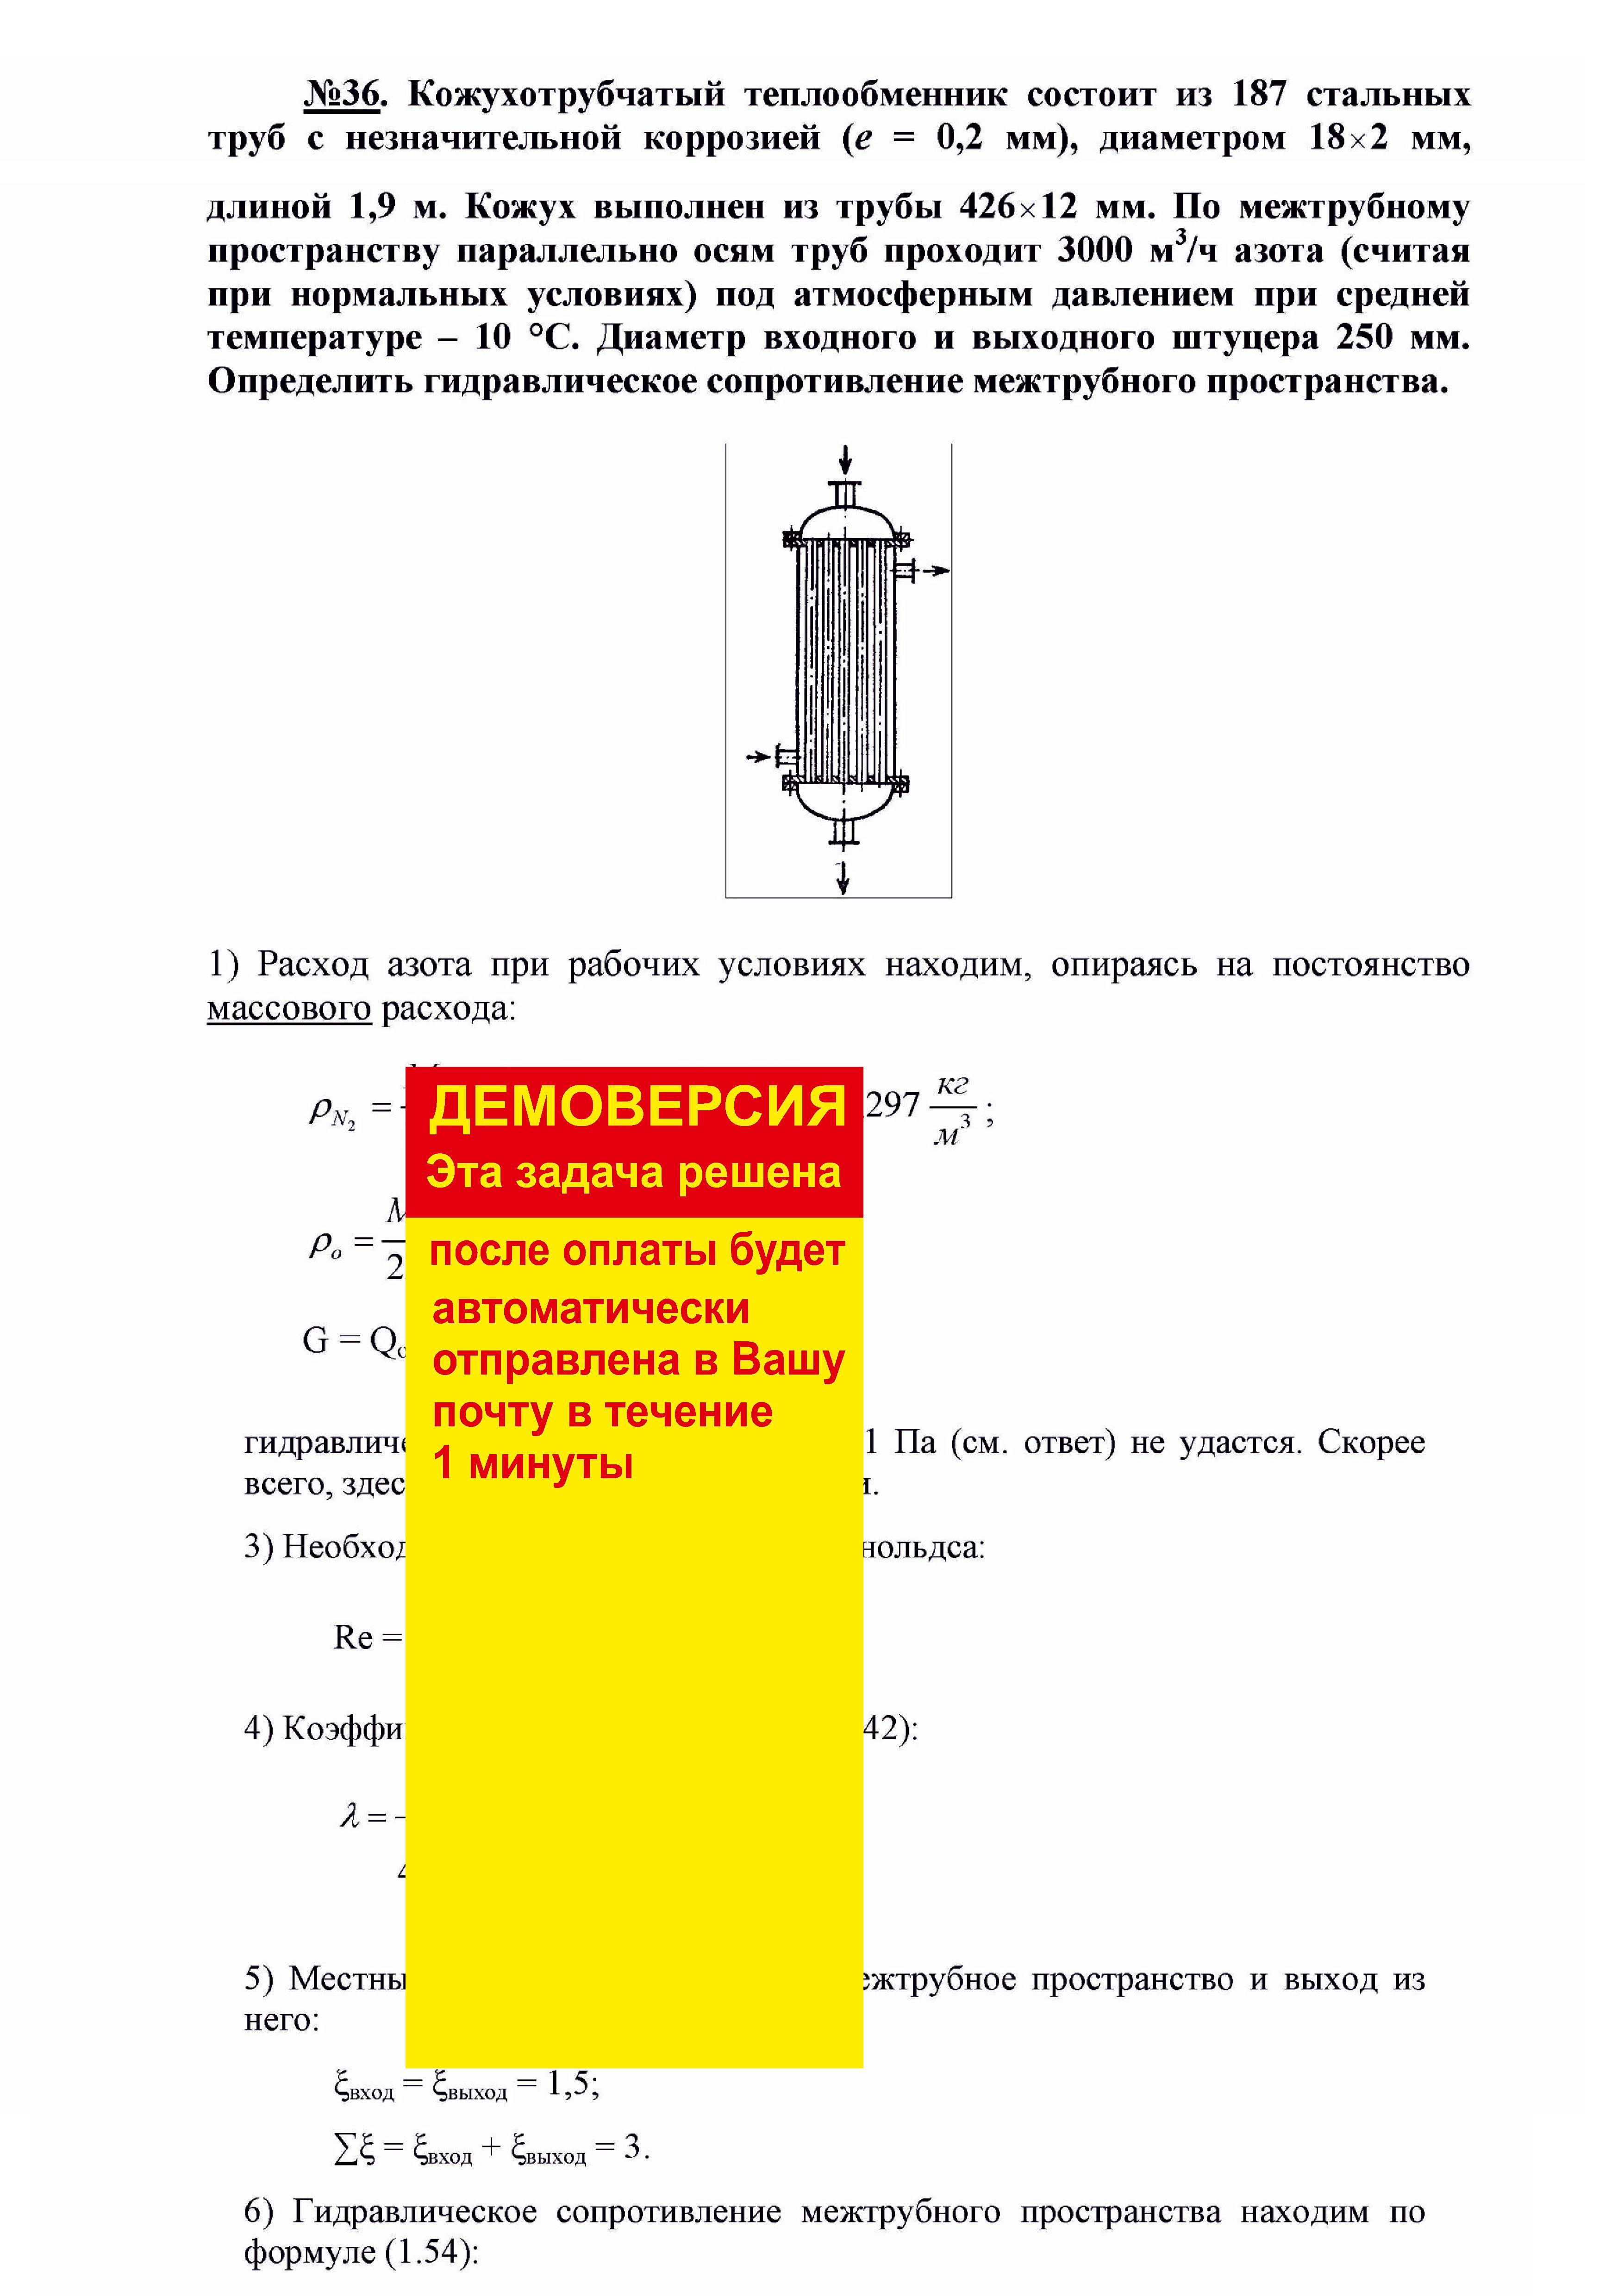 Решение задачи 1.36 по ПАХТ из задачника Павлова Романкова Носкова